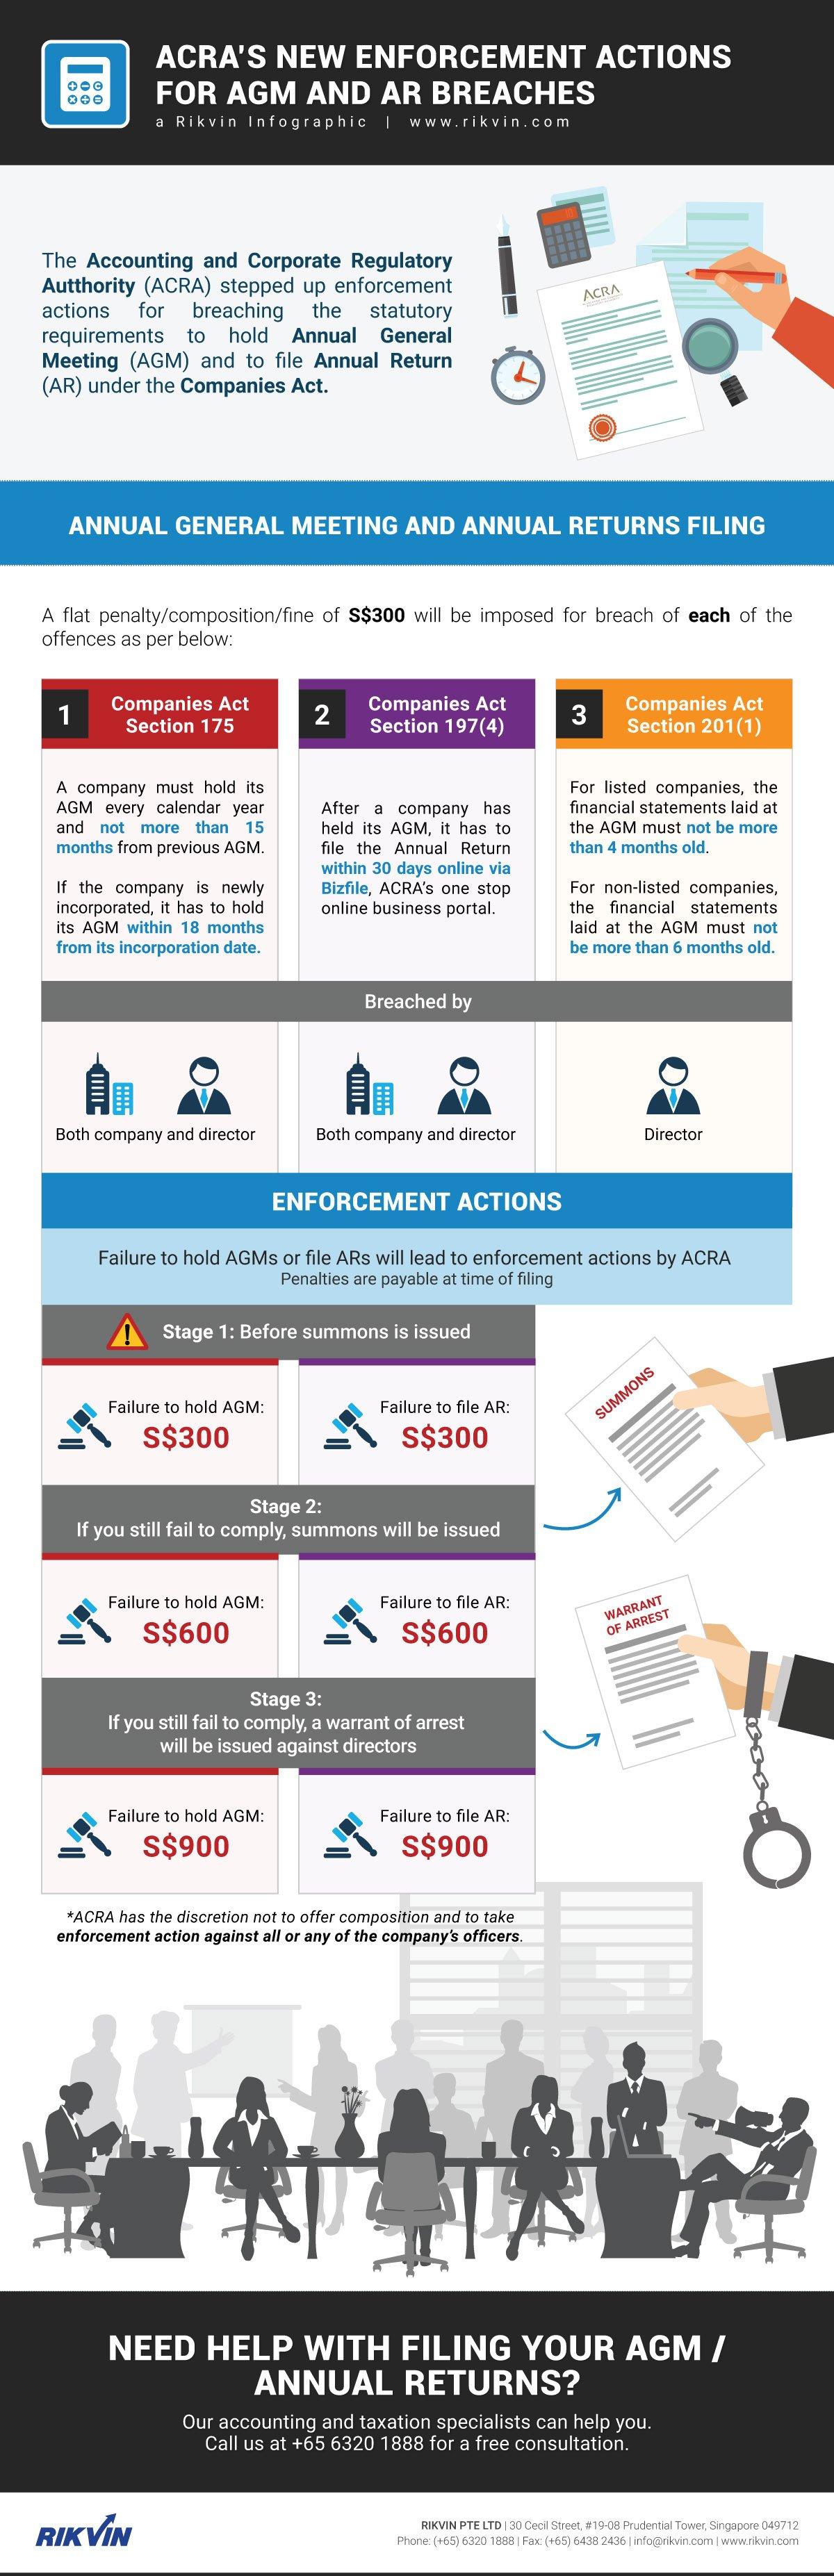 ACRA_New_Enforcement_Actions-Rikvin_Infographics New Enforcement Actions by ACRA for AGM and AR Breaches